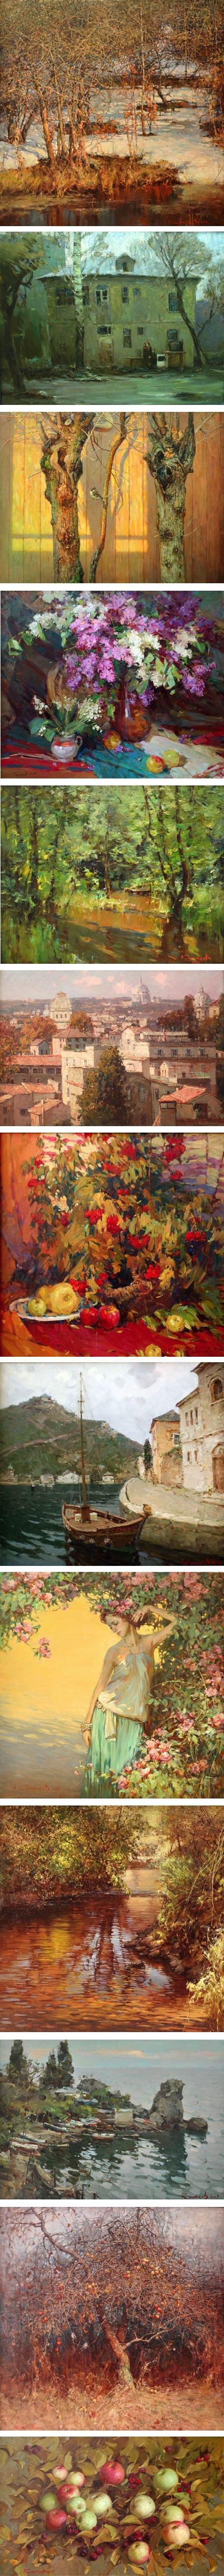 Valentin Korotkov, Russian painter, landscape, figures still life